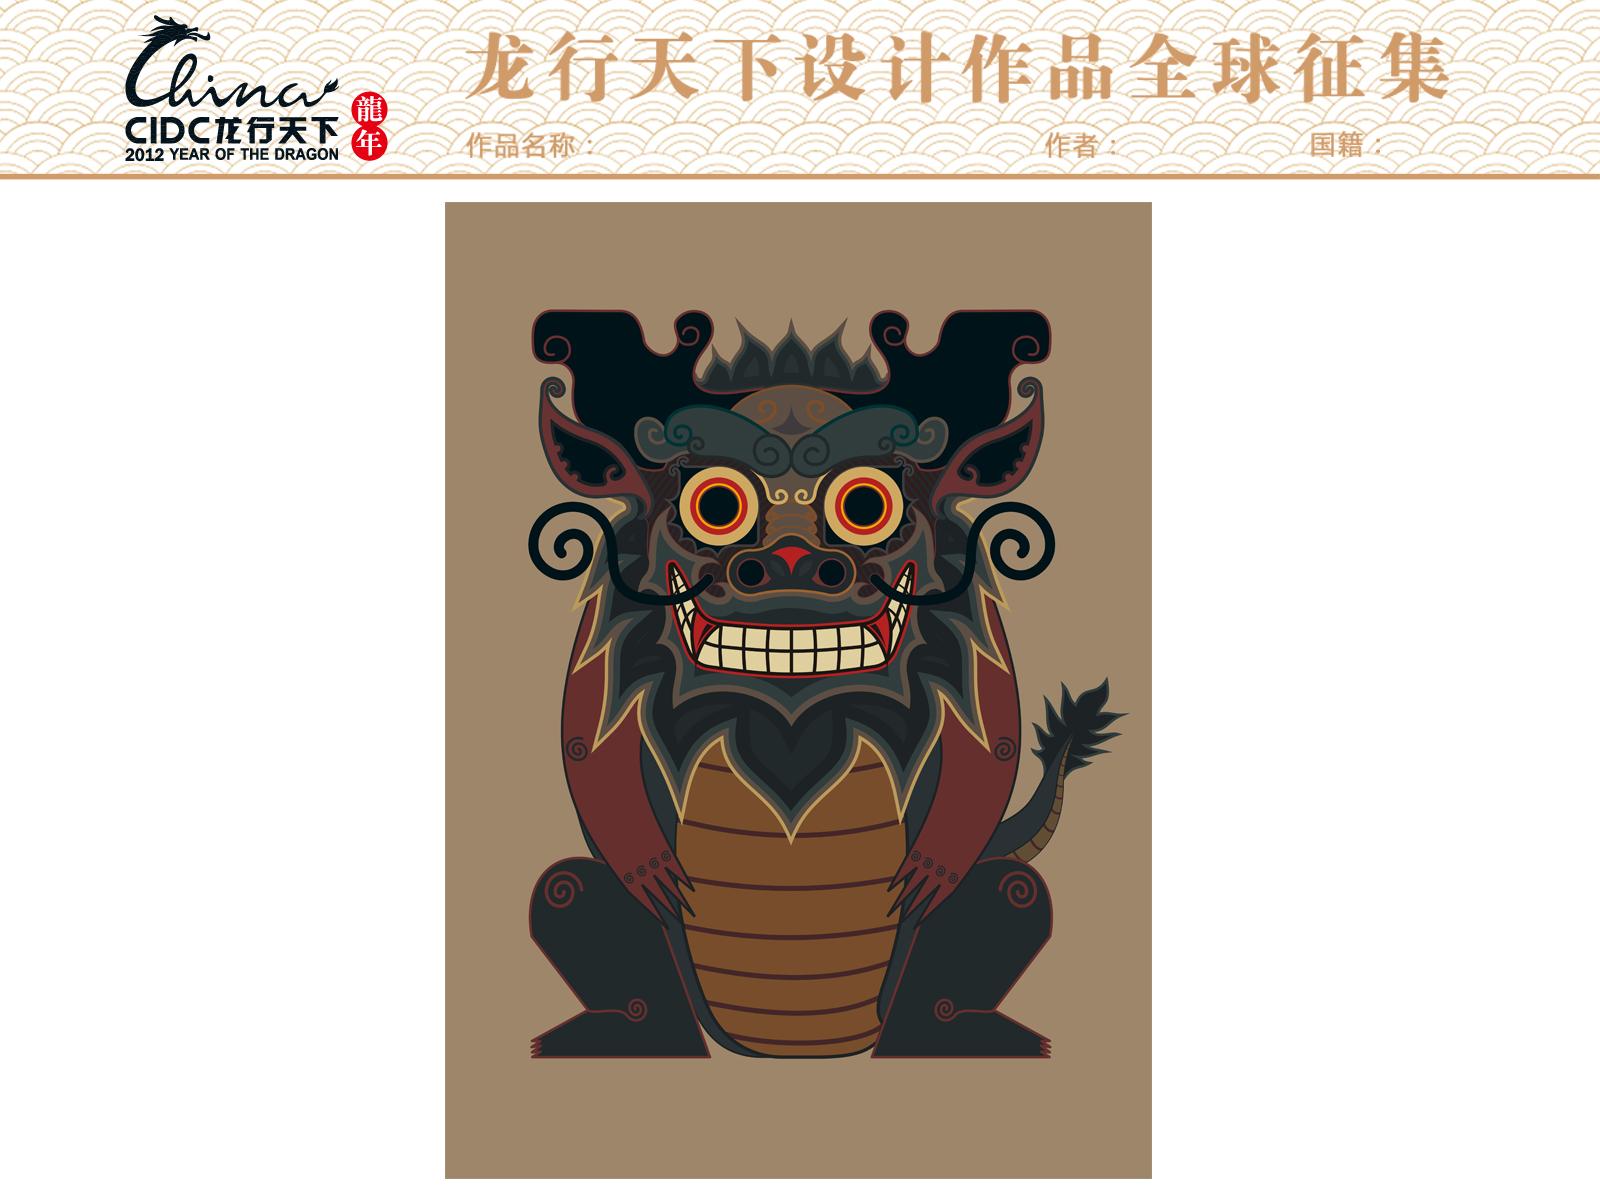 但却由自然界动物融合而成,象征着中华文化具有很强的融合力.